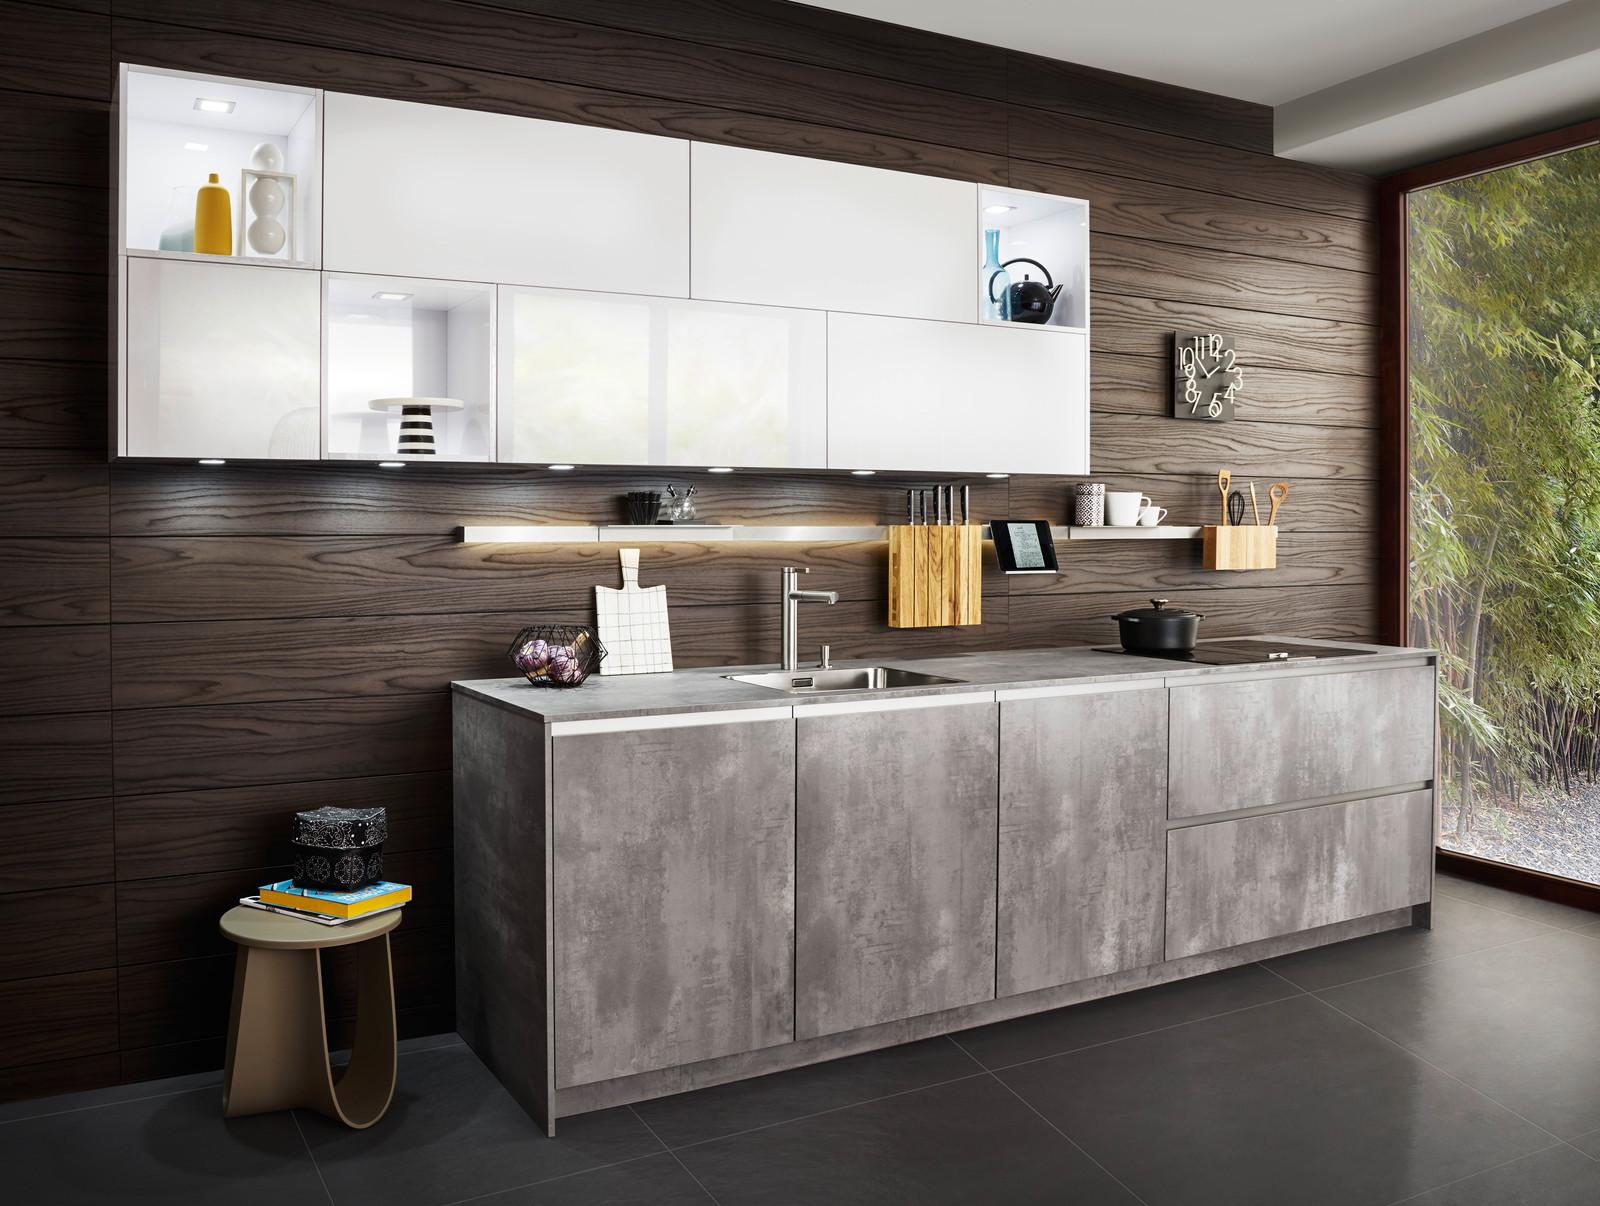 Leicht CA – Leading Orange County Modern European Kitchen Provider